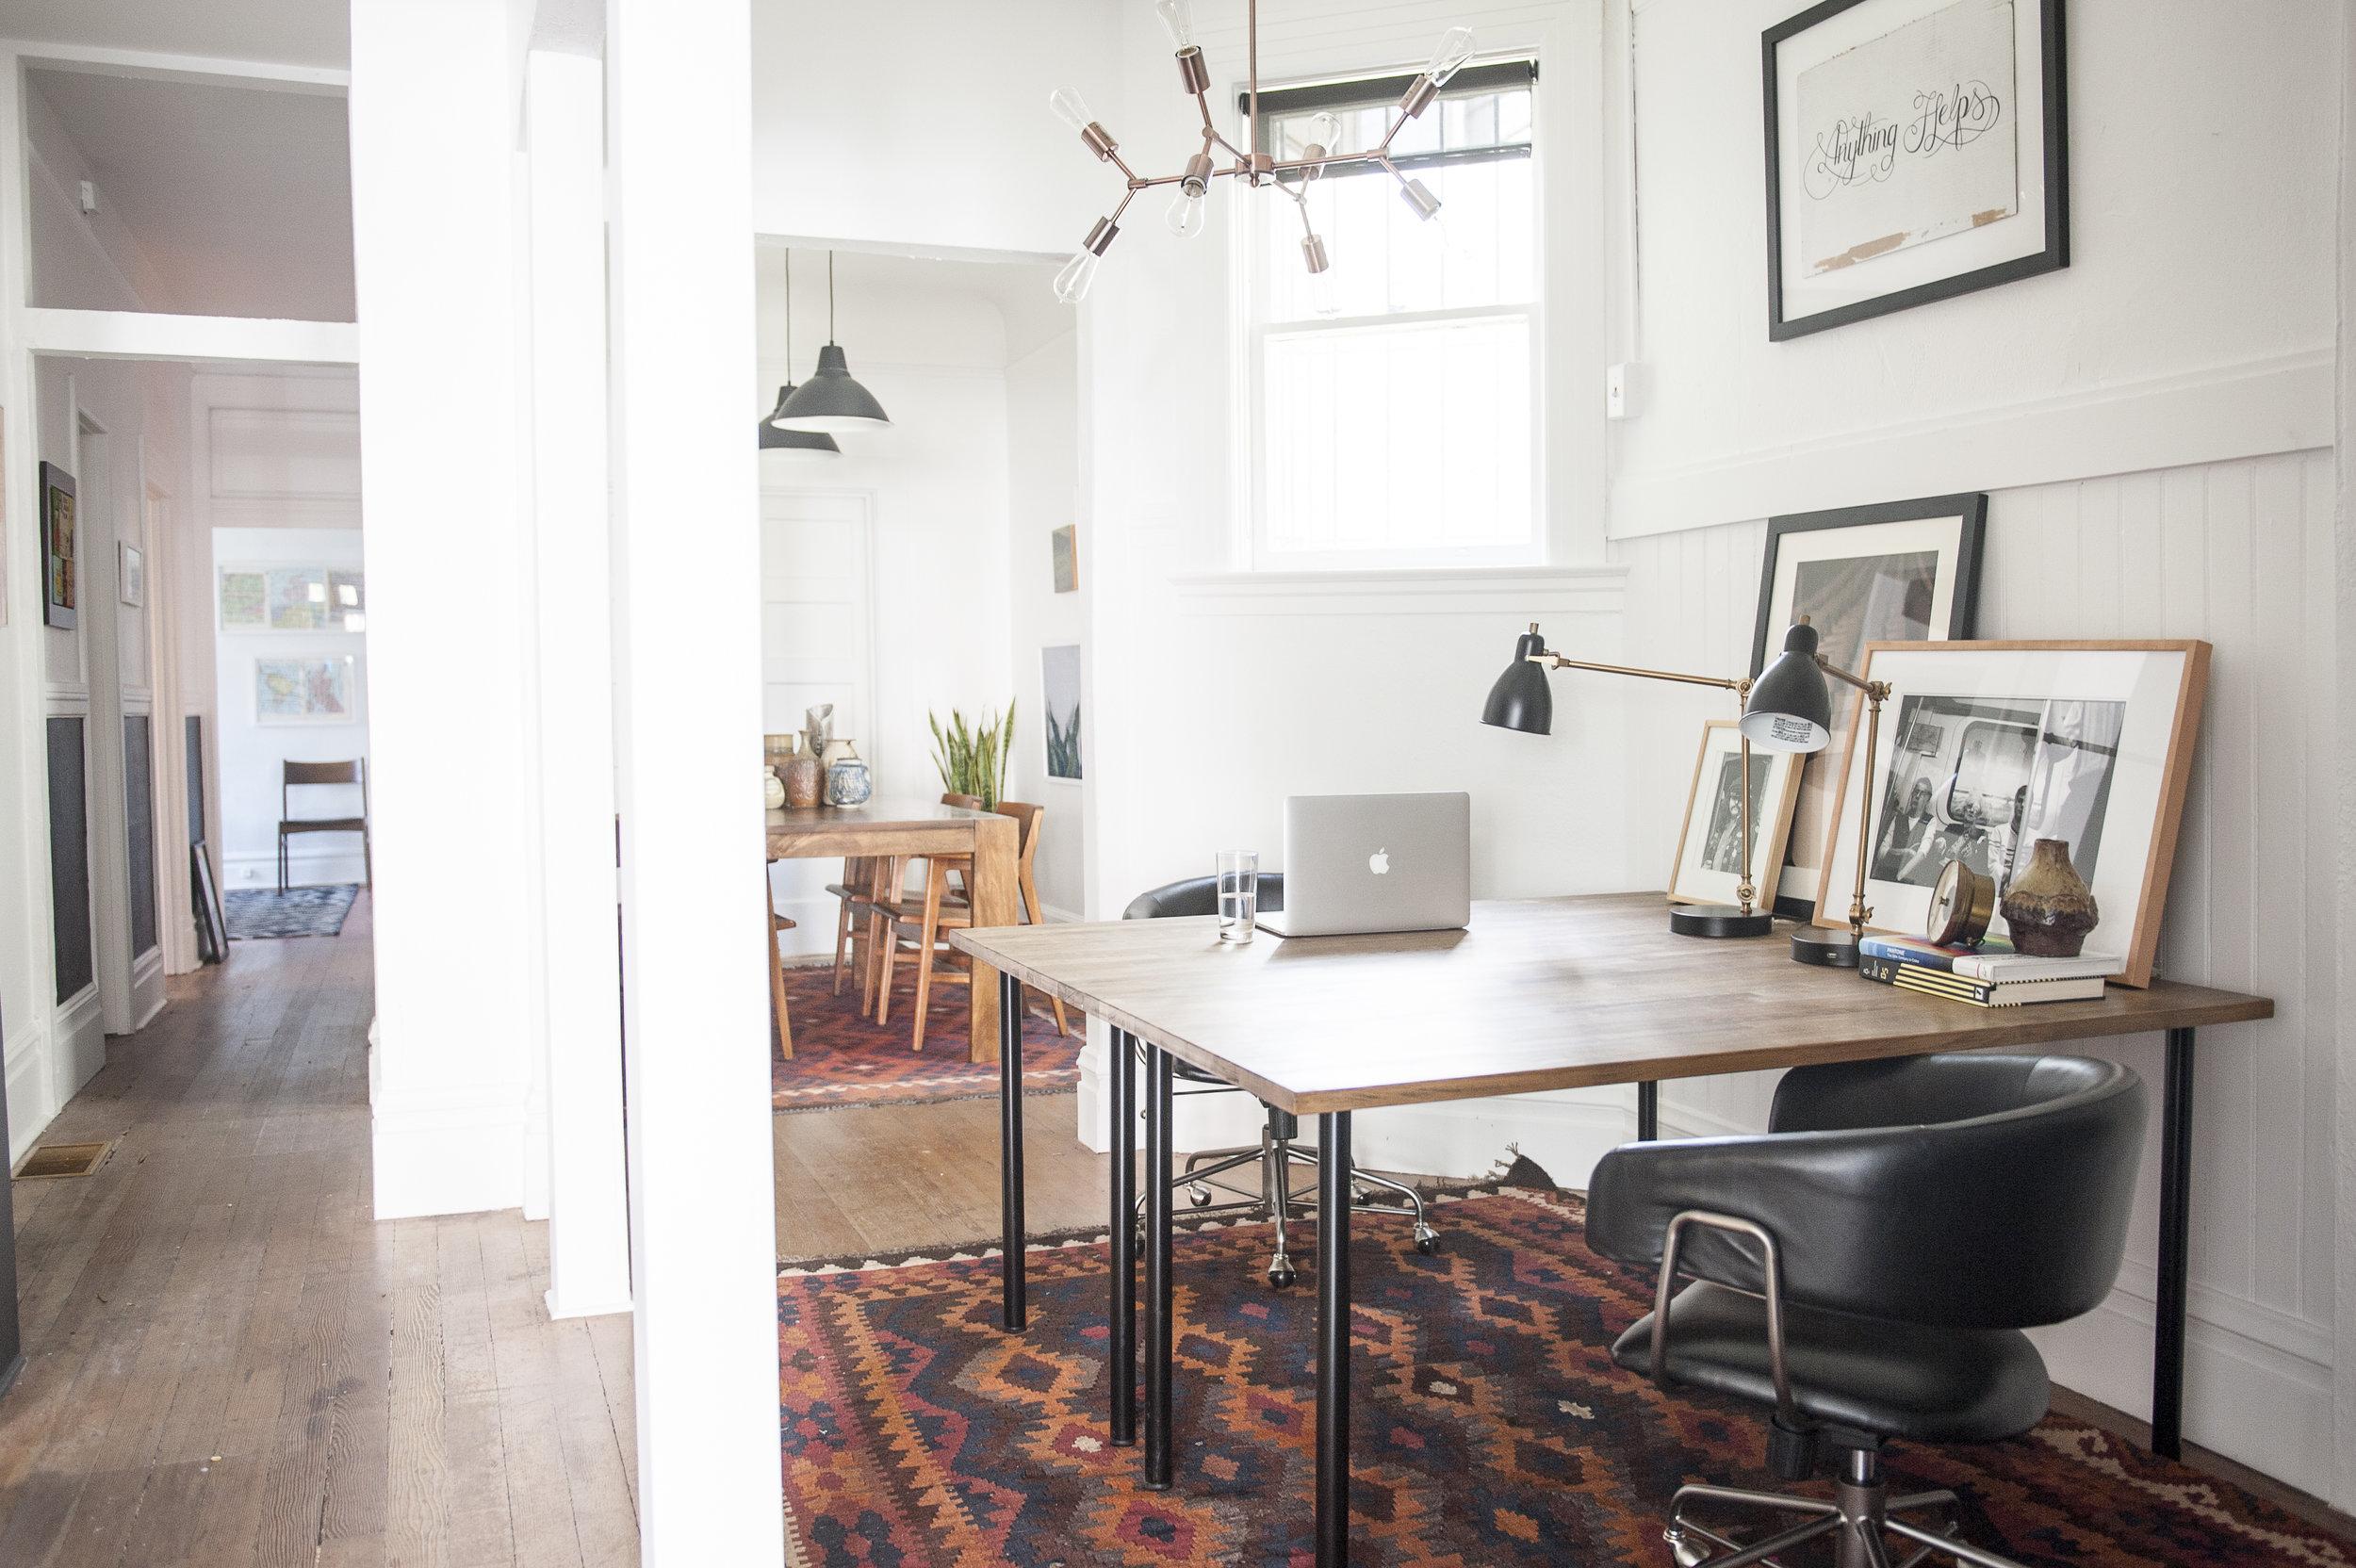 juliasperling_decorist_office_05.jpg